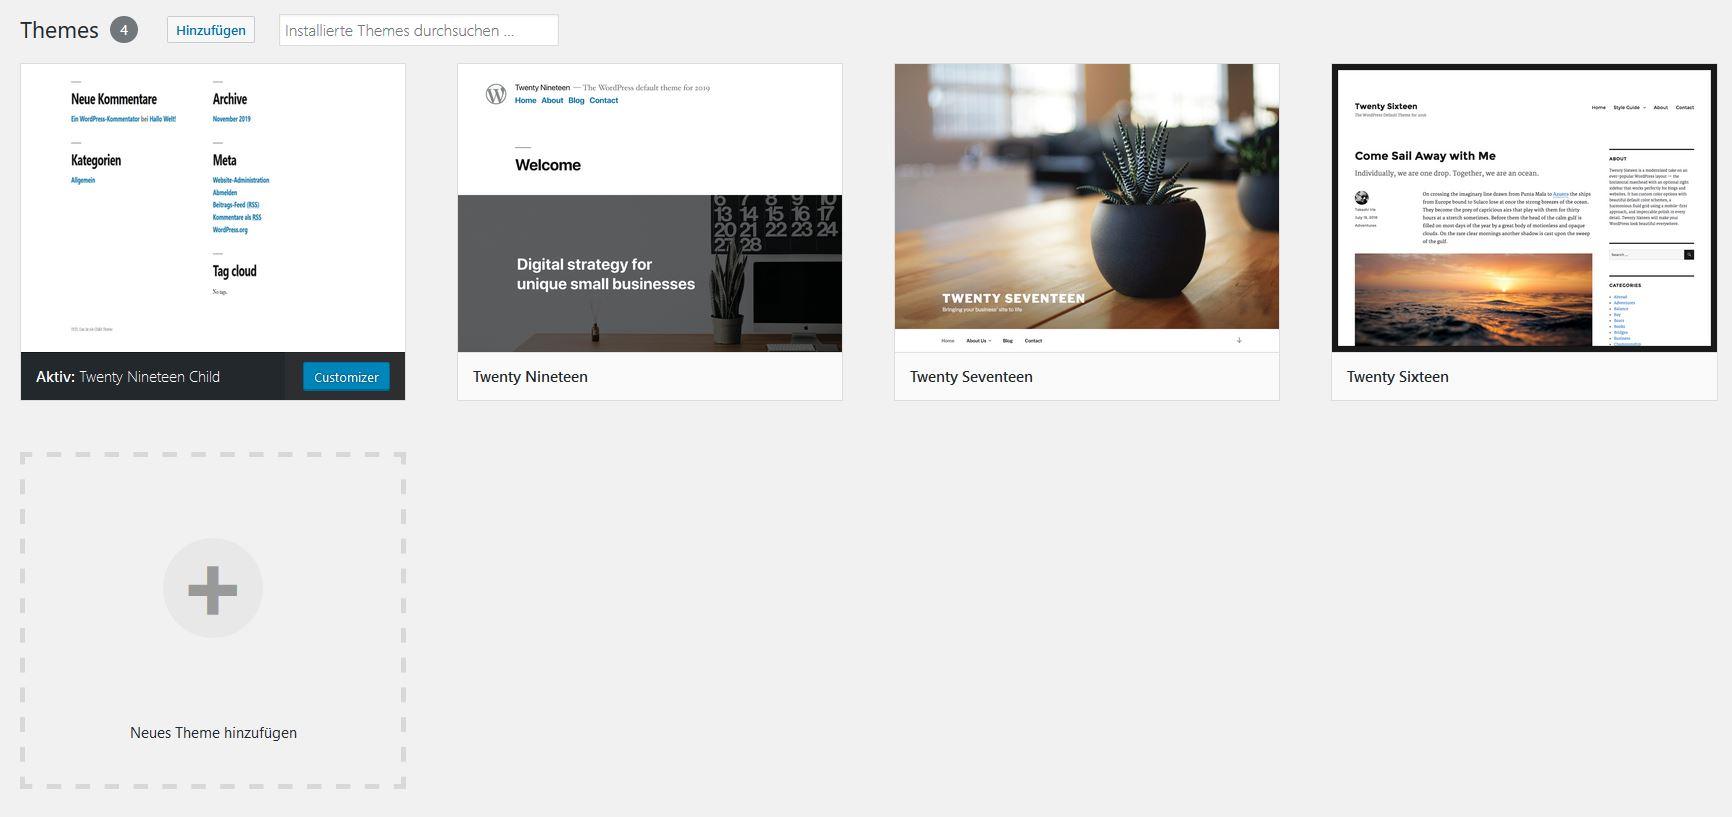 Vorschaubild des WordPress-Child-Themes verändern